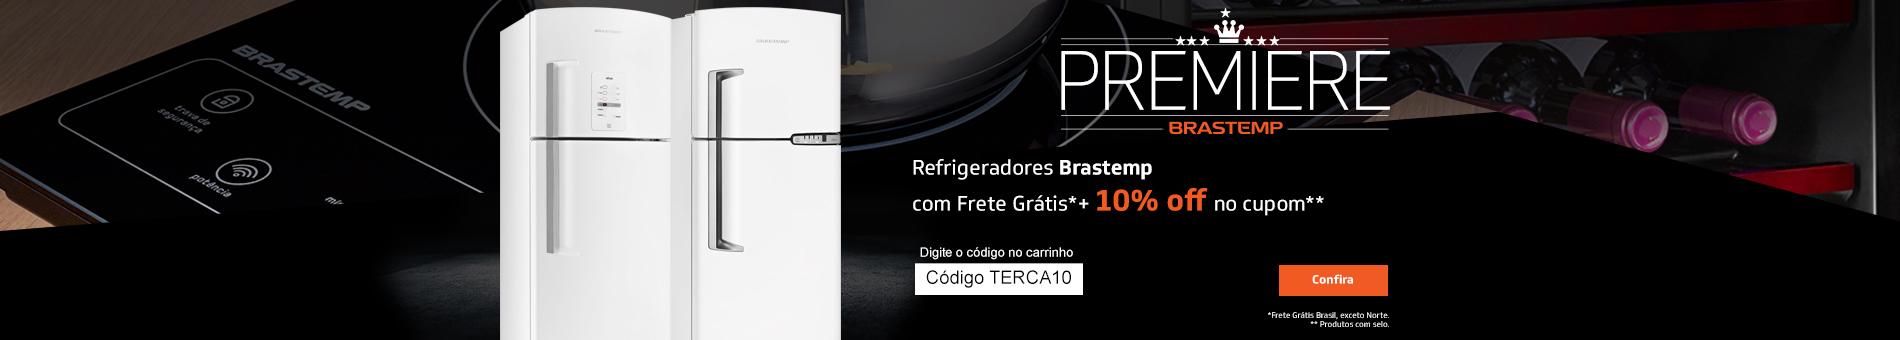 Promoção Interna - 779 - premierbrastemp_refrigeradores_home2_29082016 - refrigeradores - 2